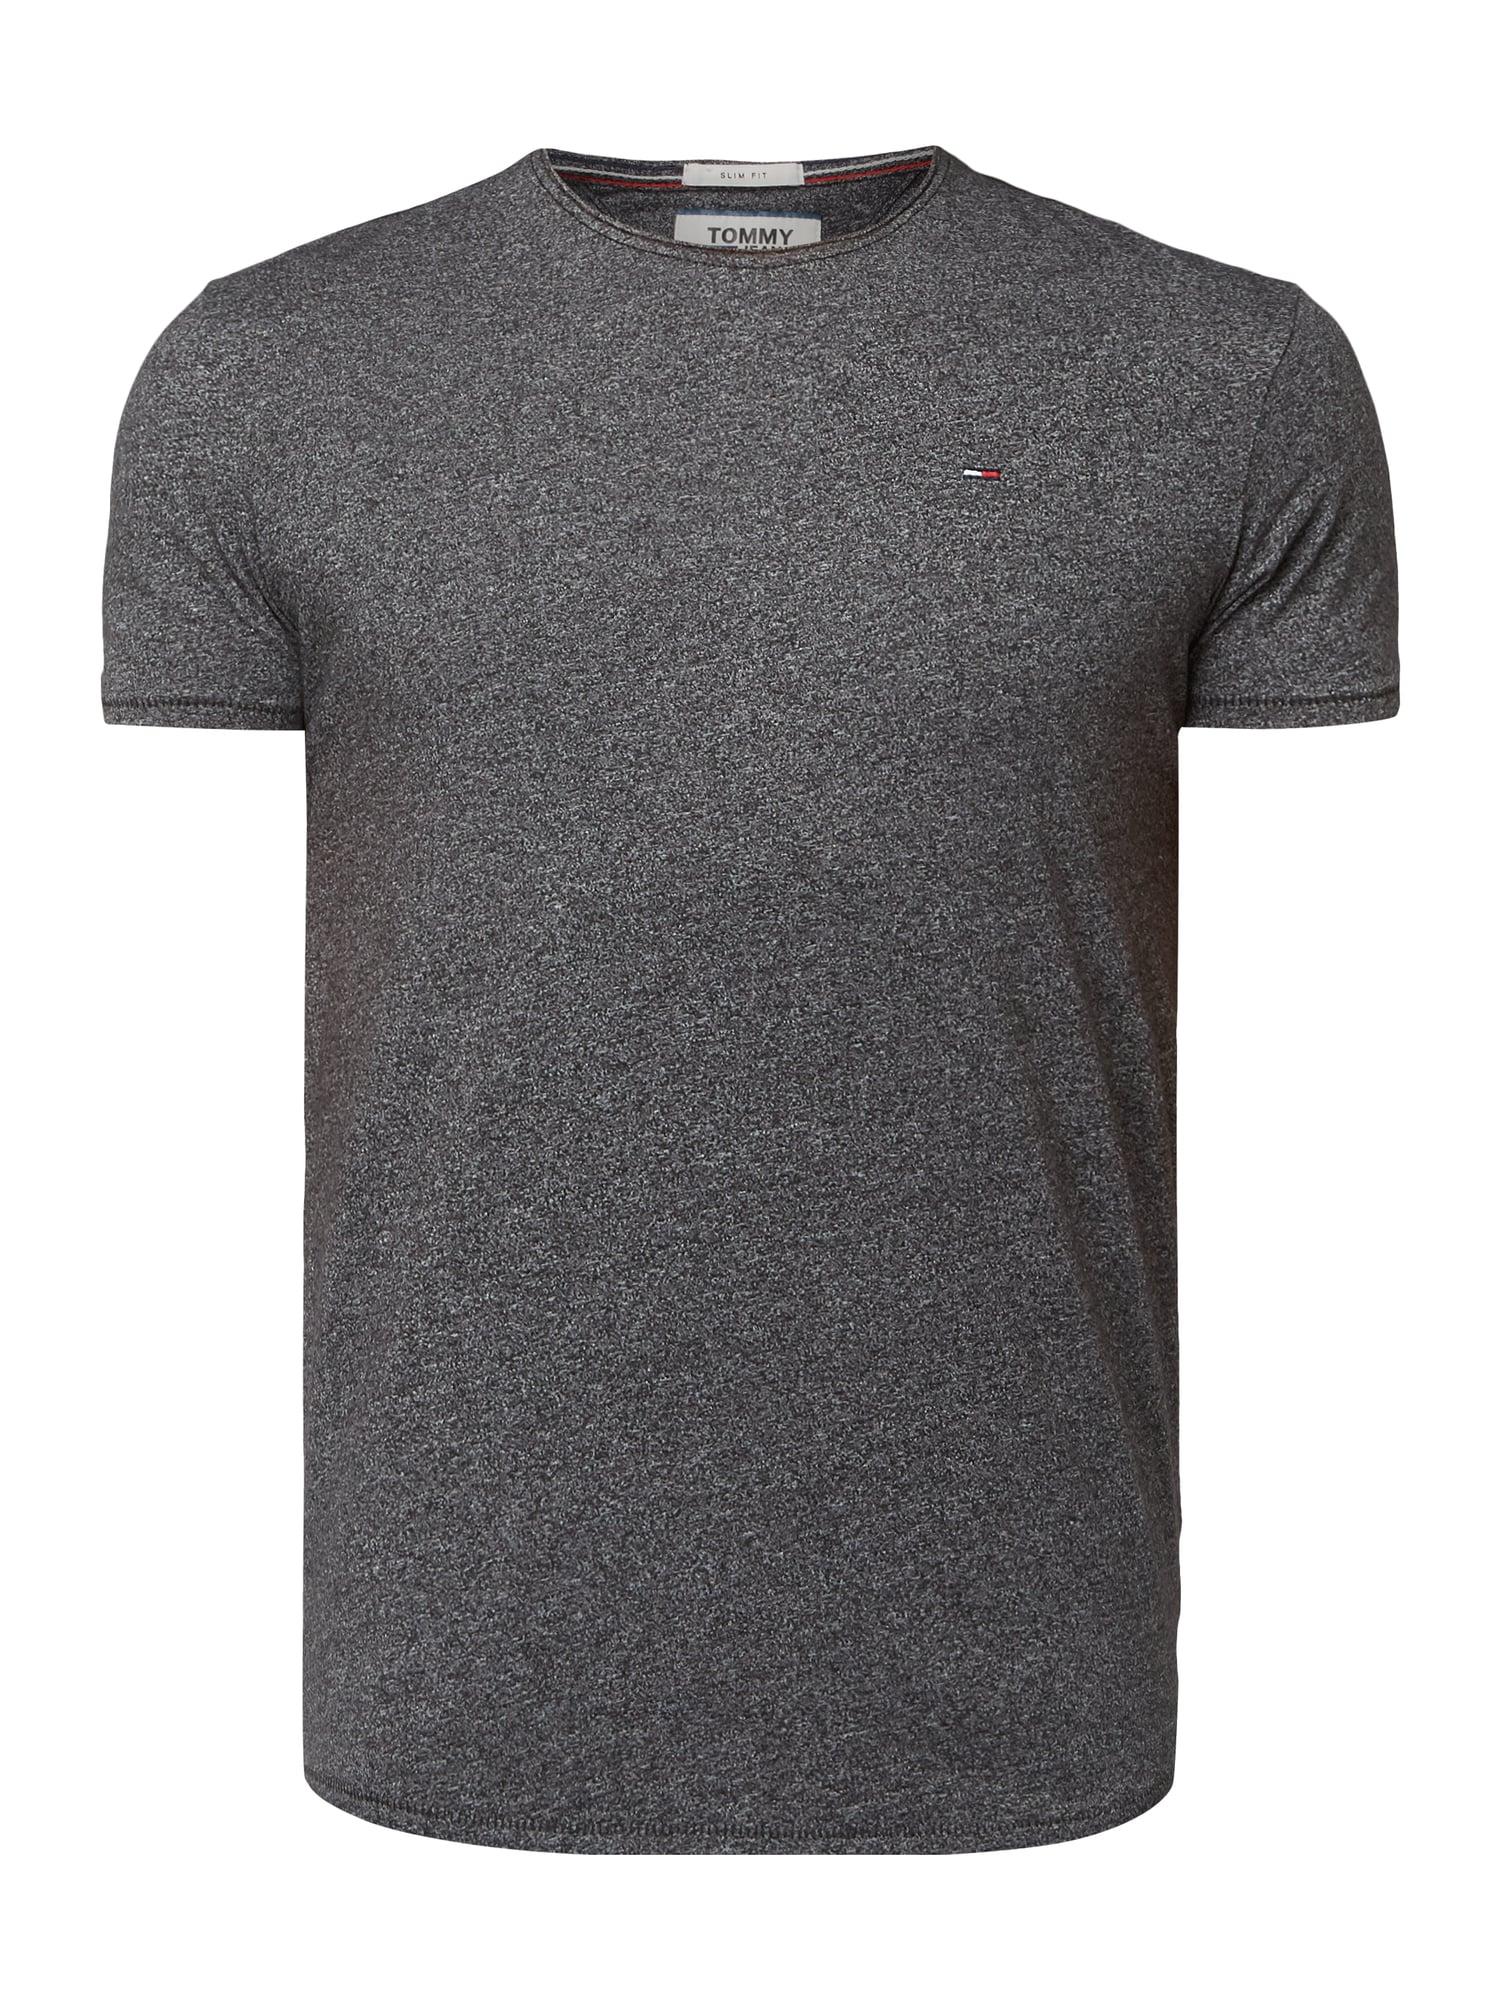 Koszulka Tommy Jeans (Hilfiger) rozmiar M - dwa kolory